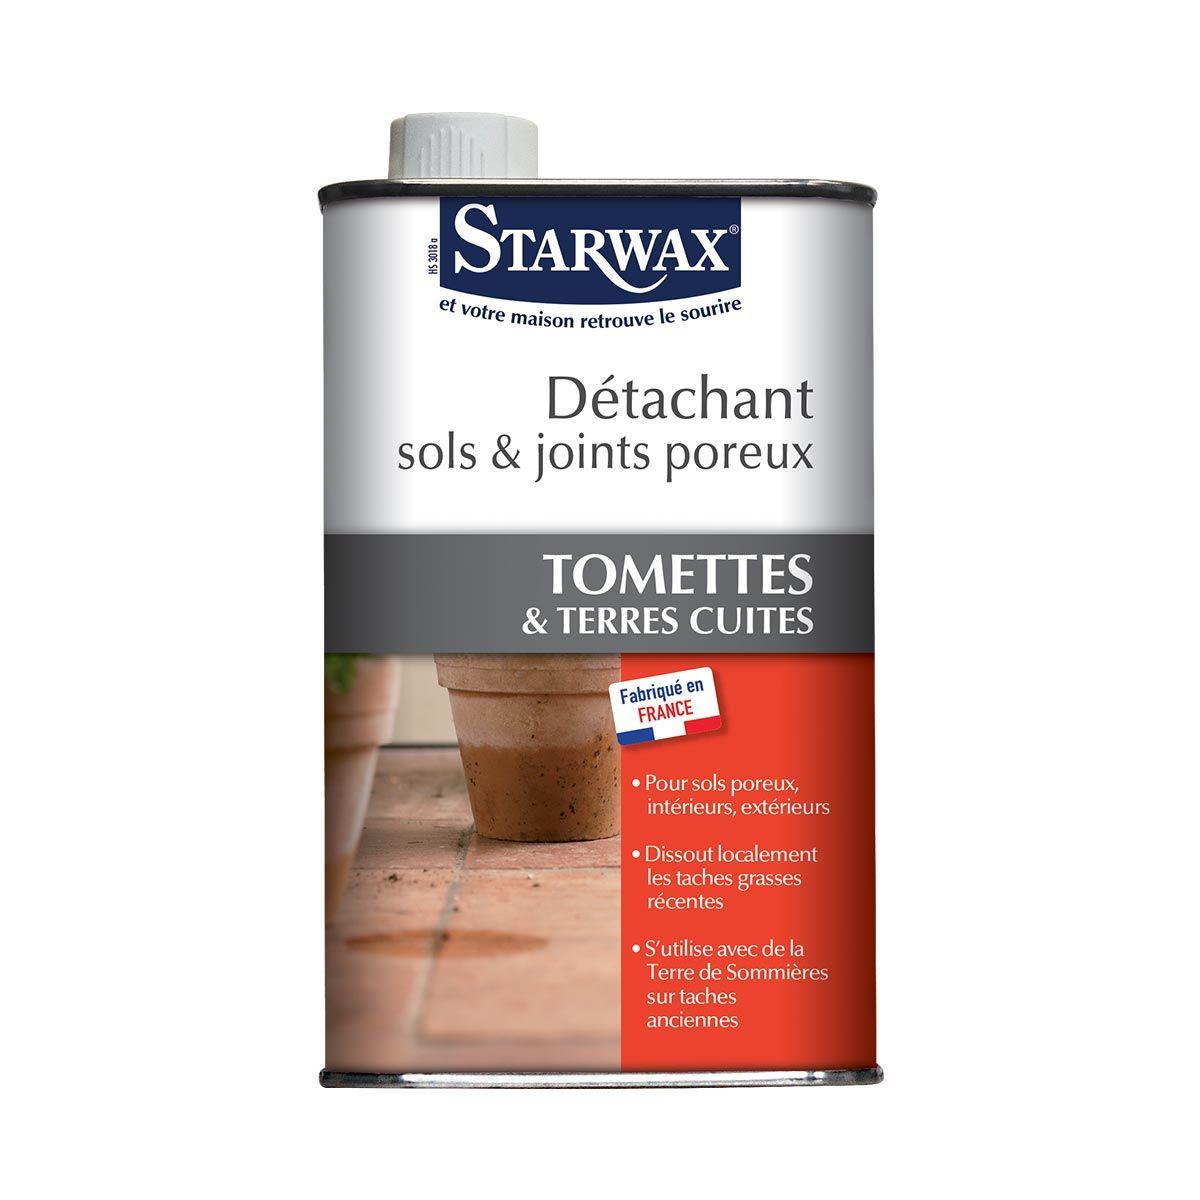 Faire Briller Un Carrelage Poreux détachant sols et joints poreux | starwax, produits d